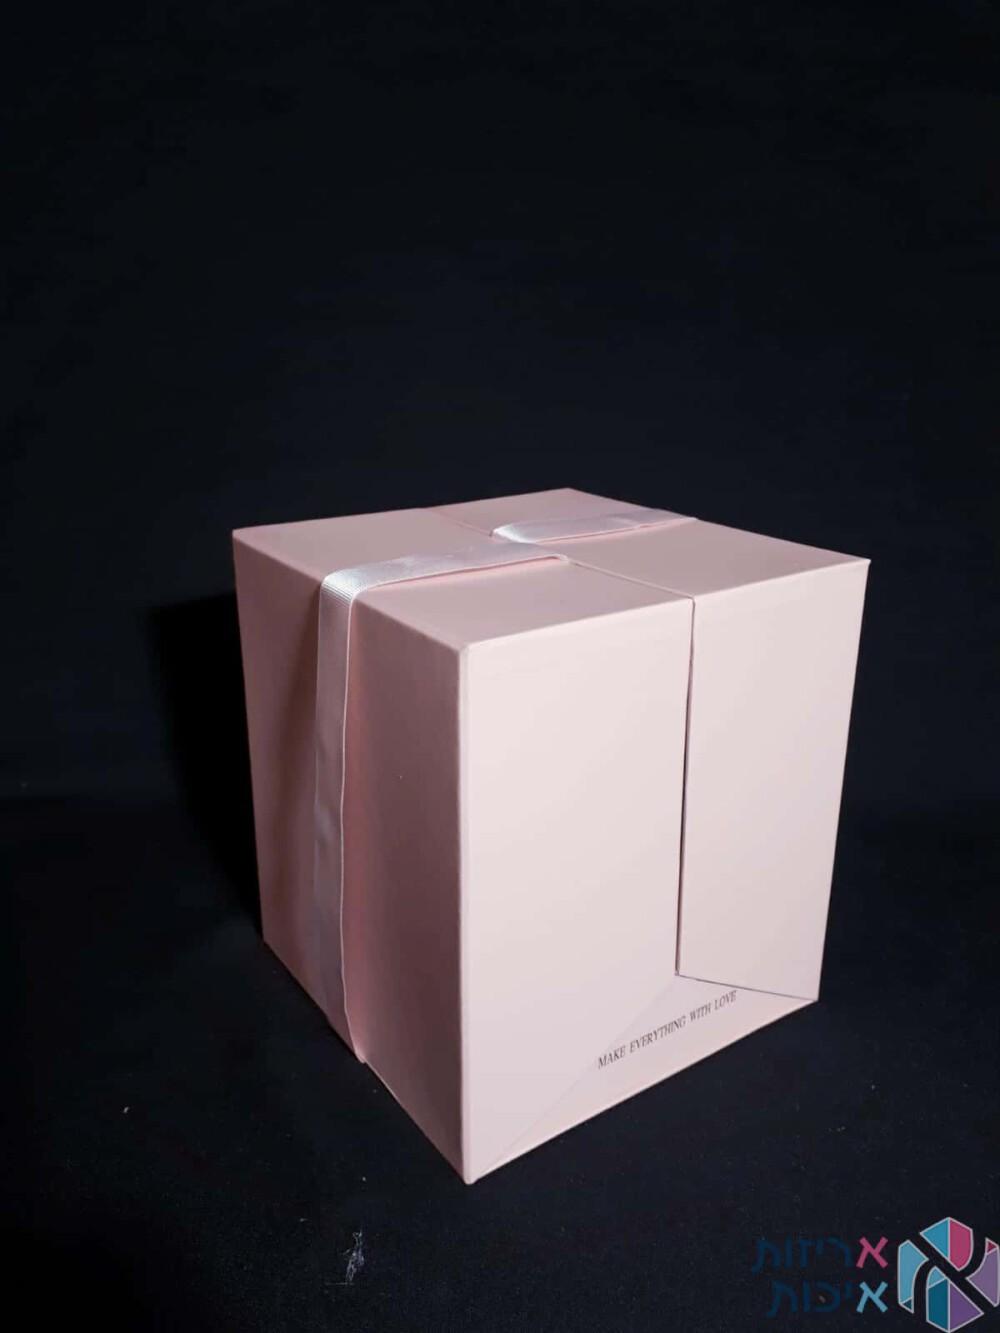 קופסאות לפרחים - קופסאות הפתעה נפתחות עם סרט סאטן בצבע ורוד